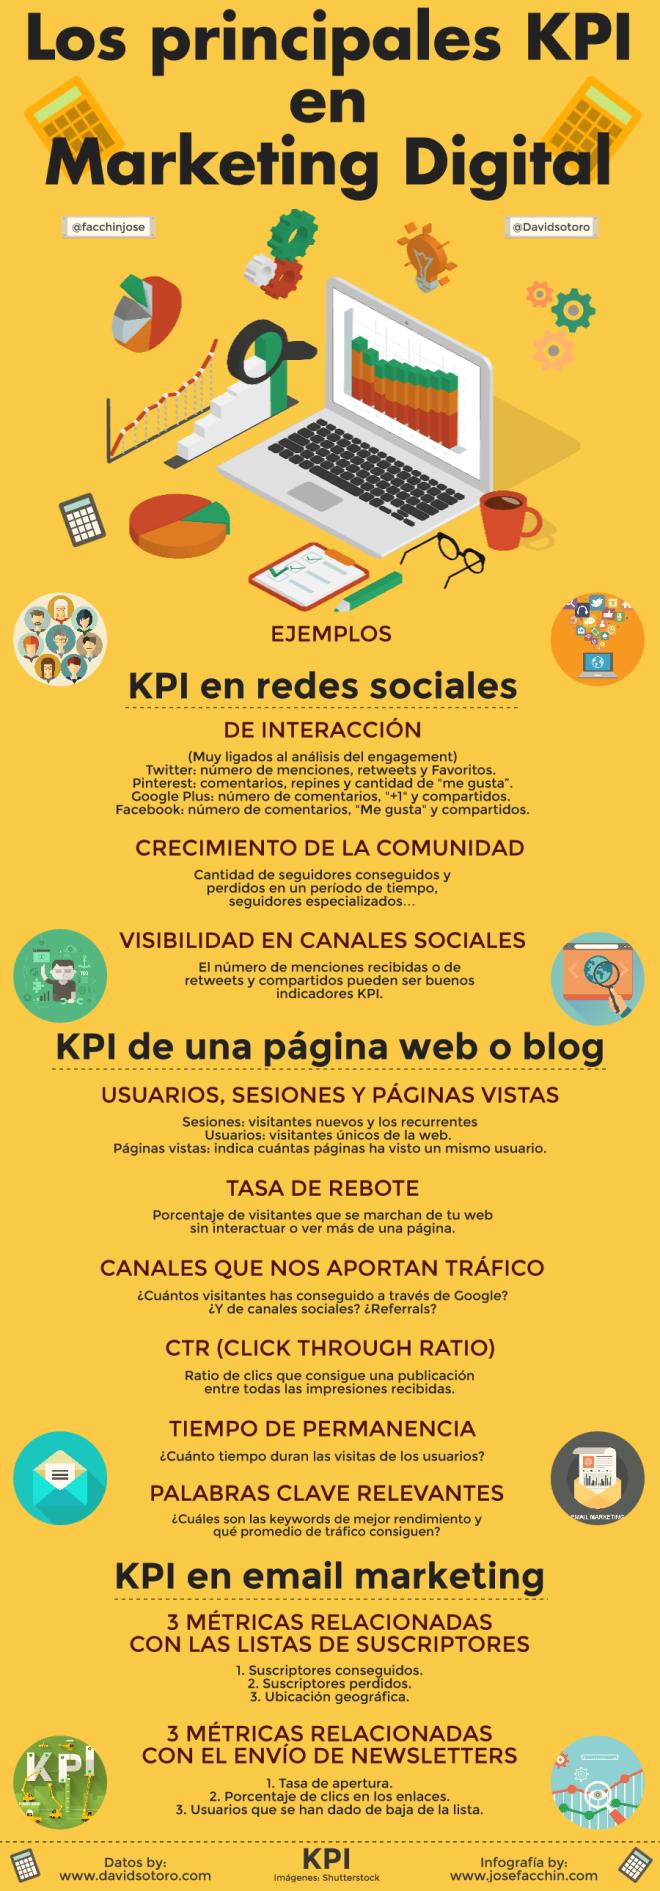 Los principales KPI del marketing digital